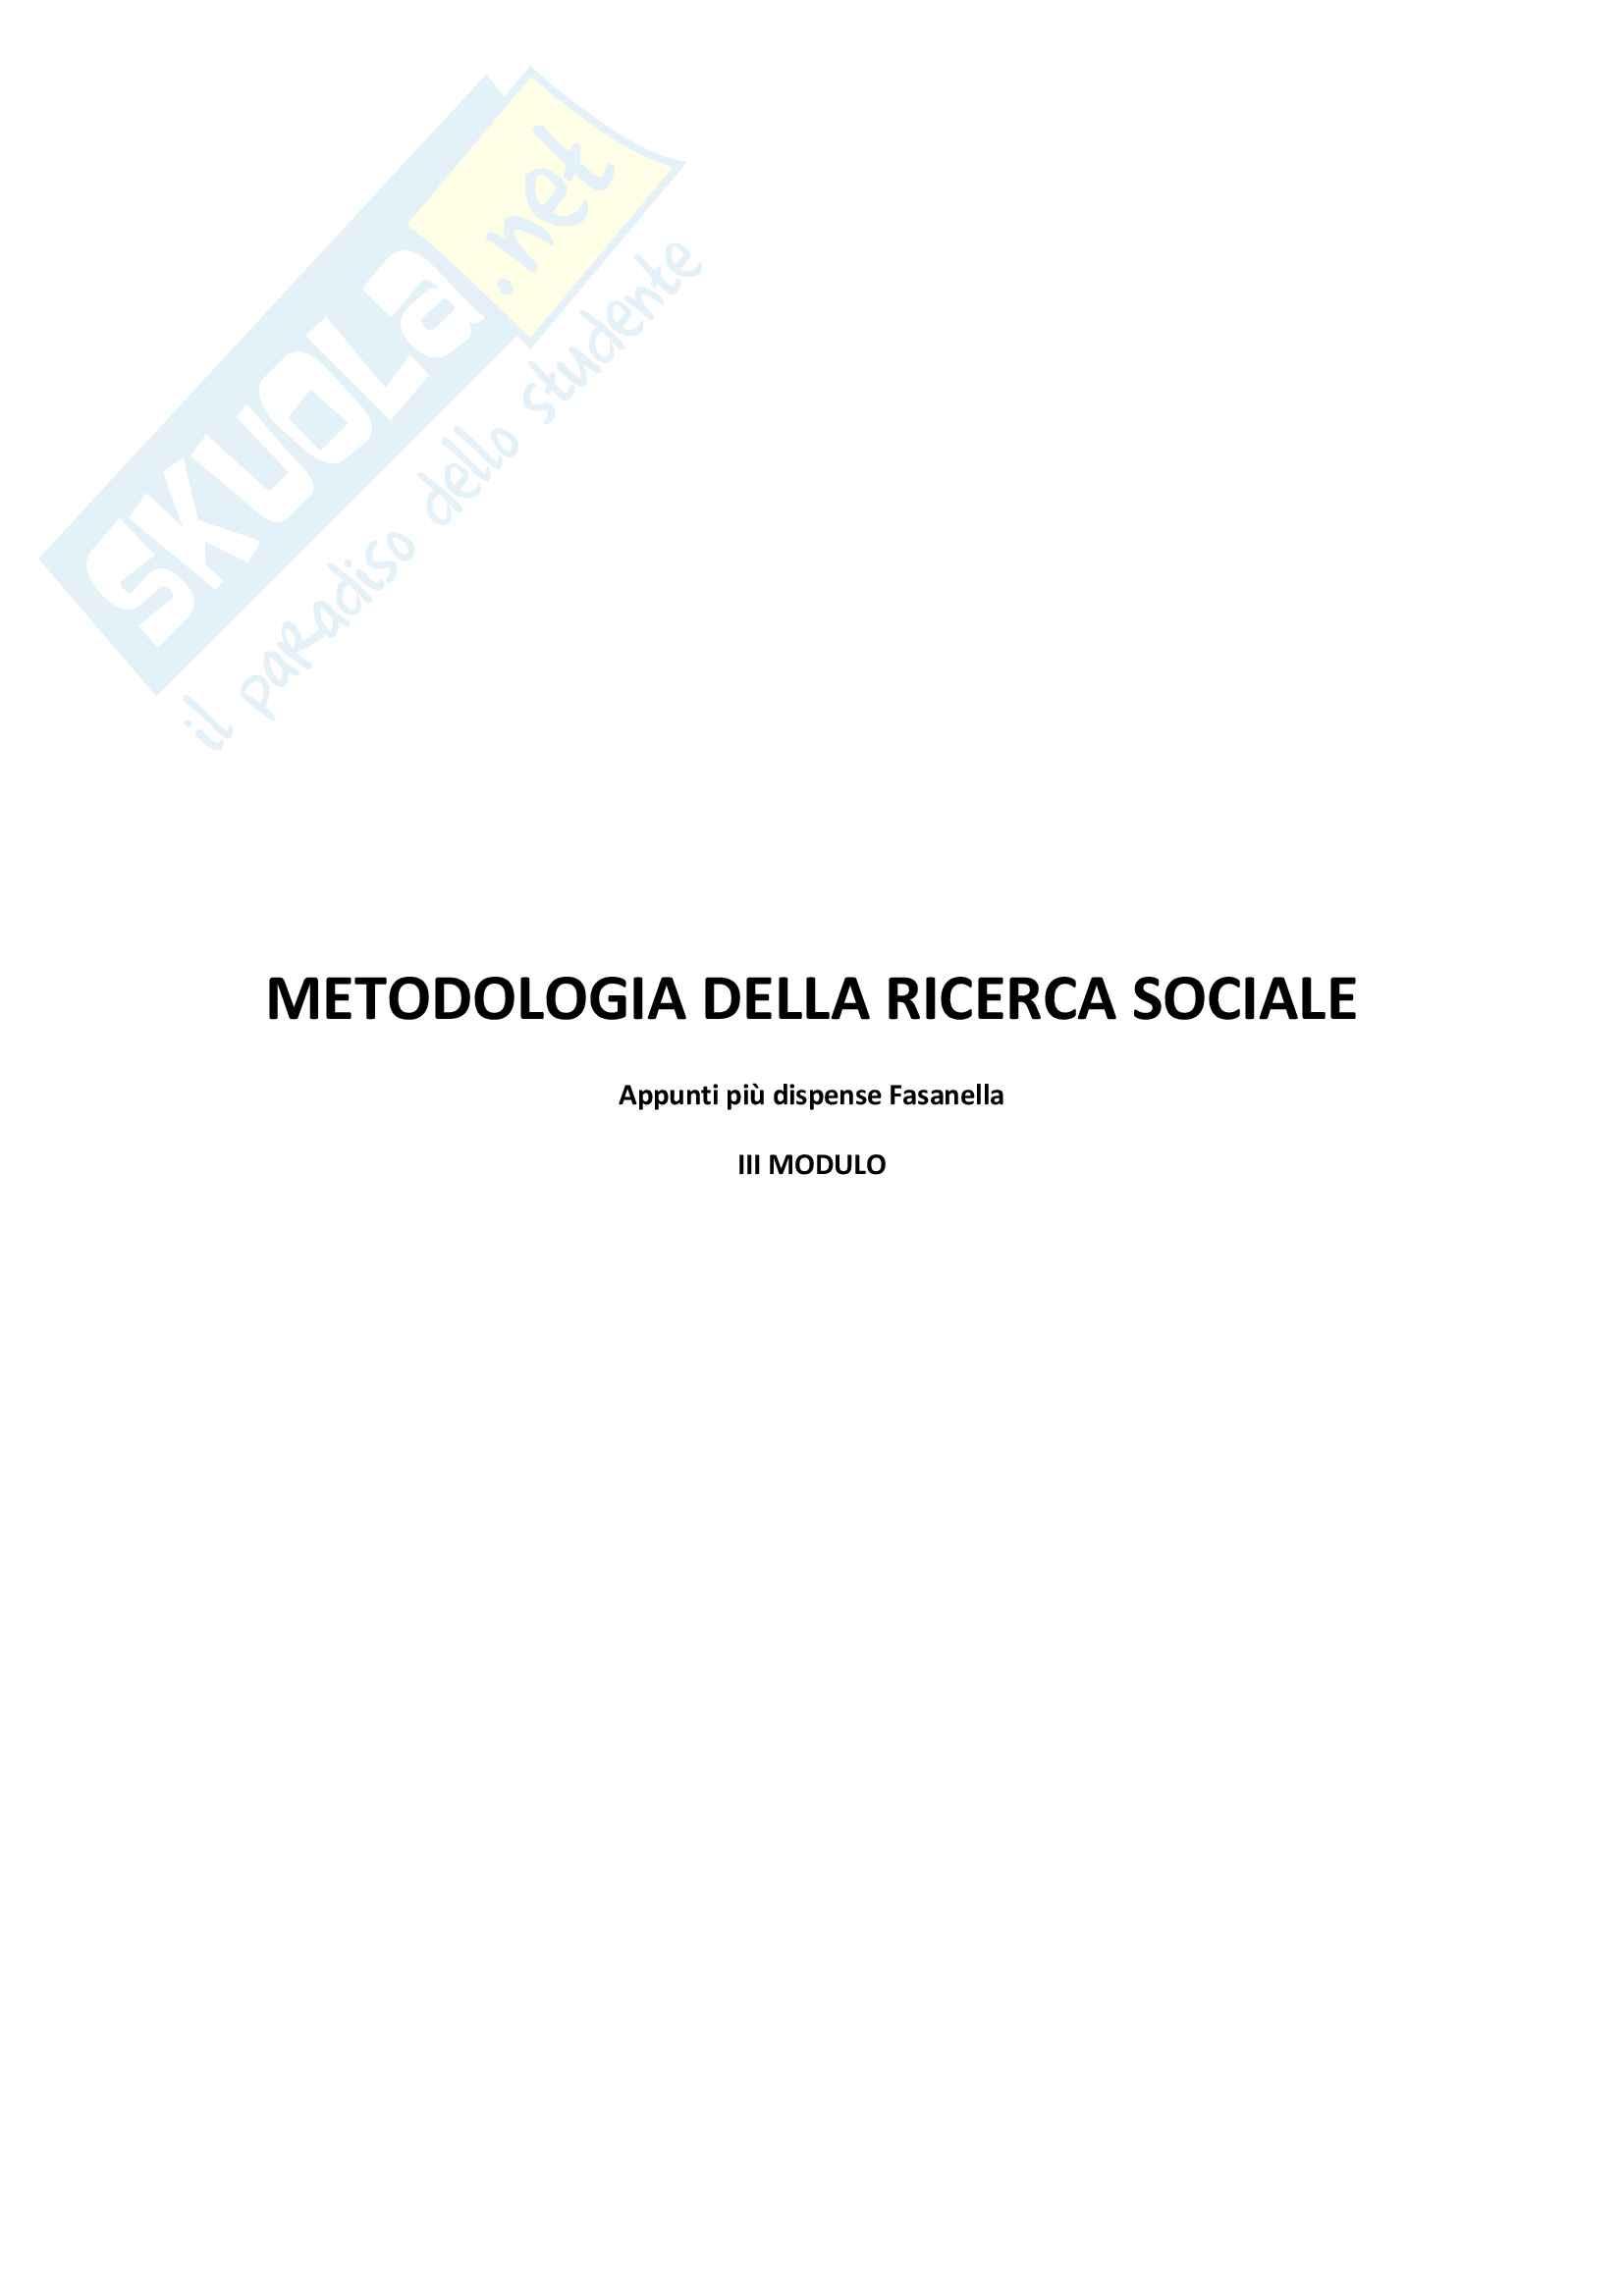 Appunti esame Metodologia della ricerca sociale - Esperimenti. Validità interna e Validità esterna